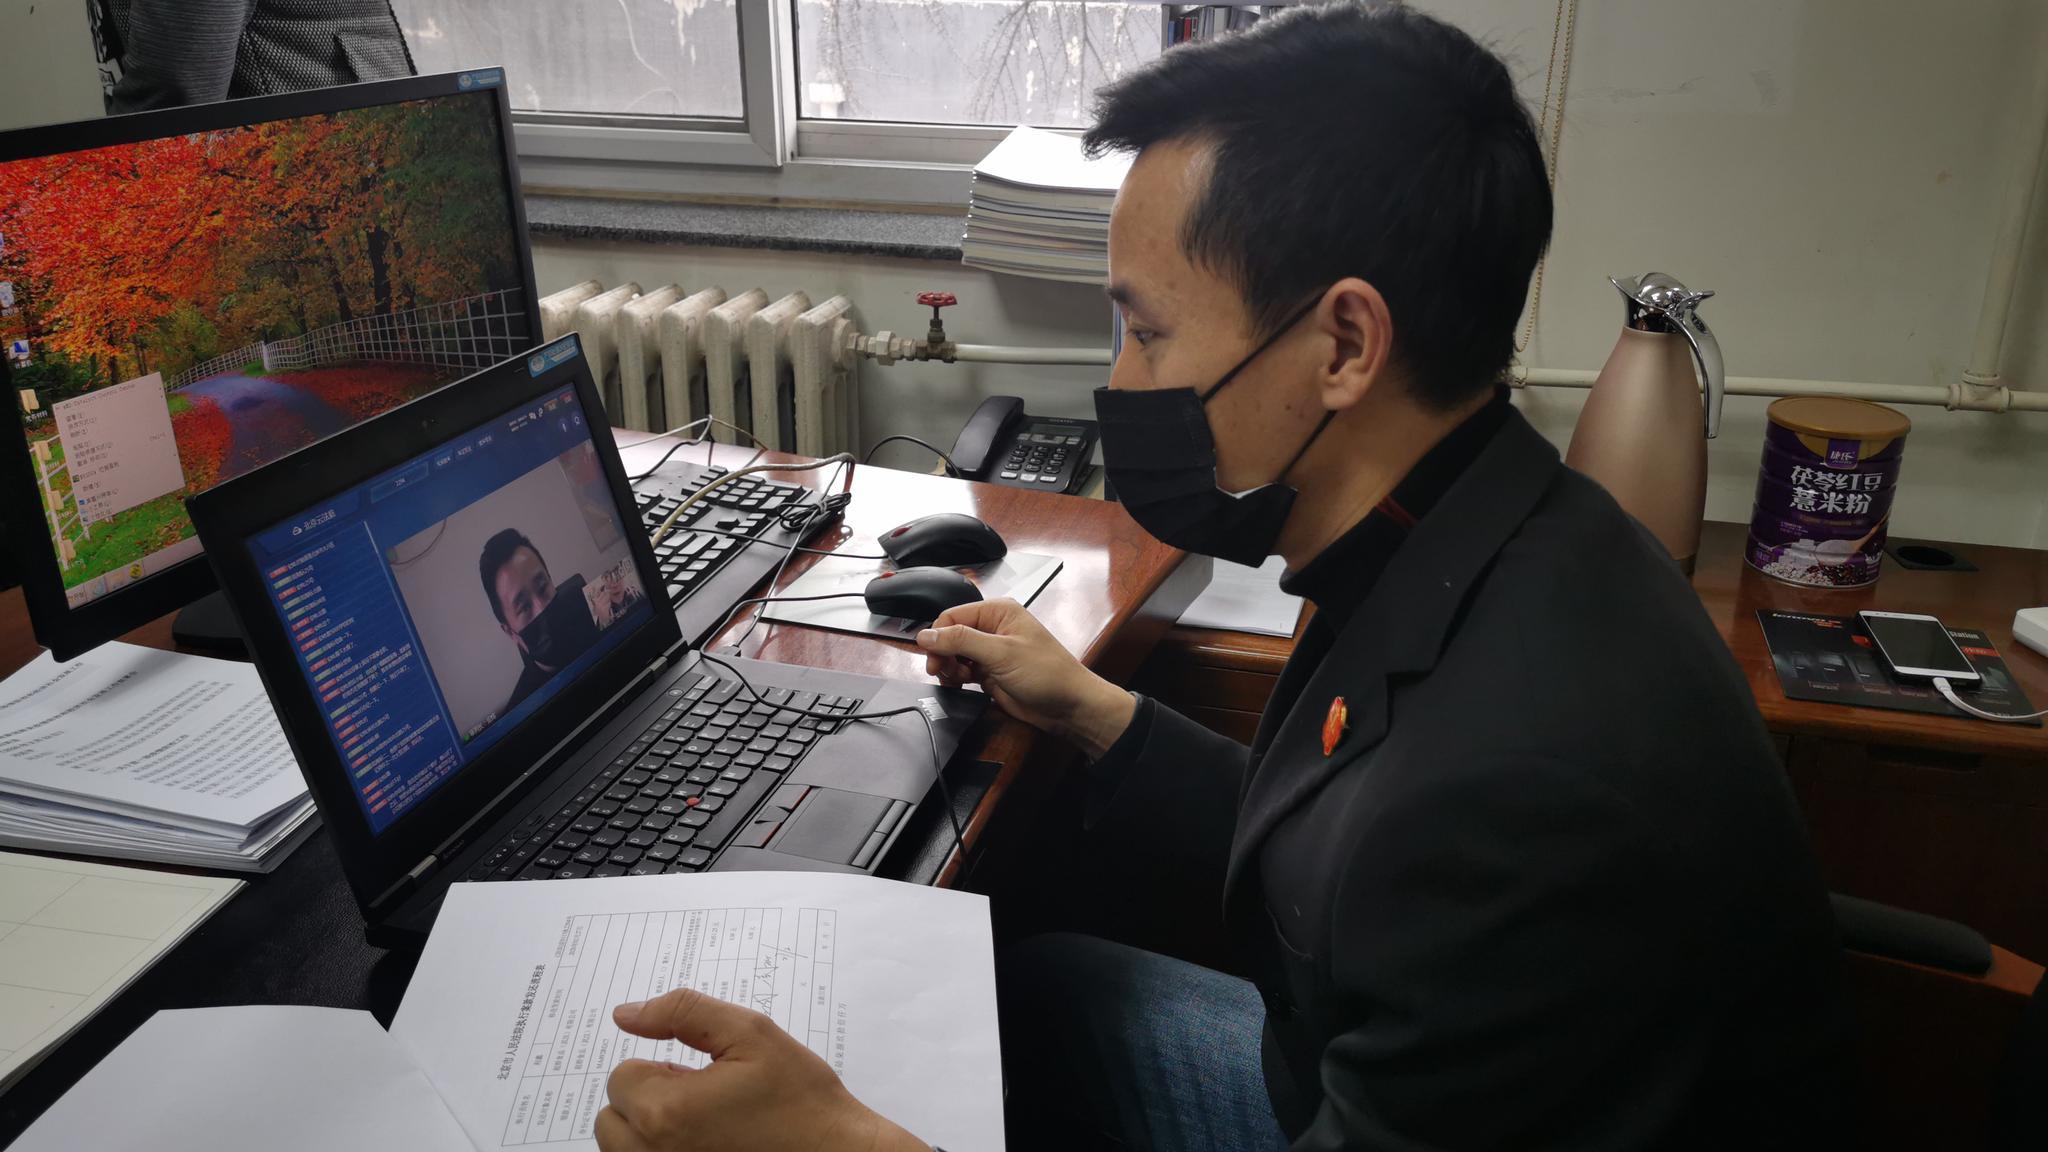 北京大兴法院在线确认执行案款,武汉某企业将发放工资